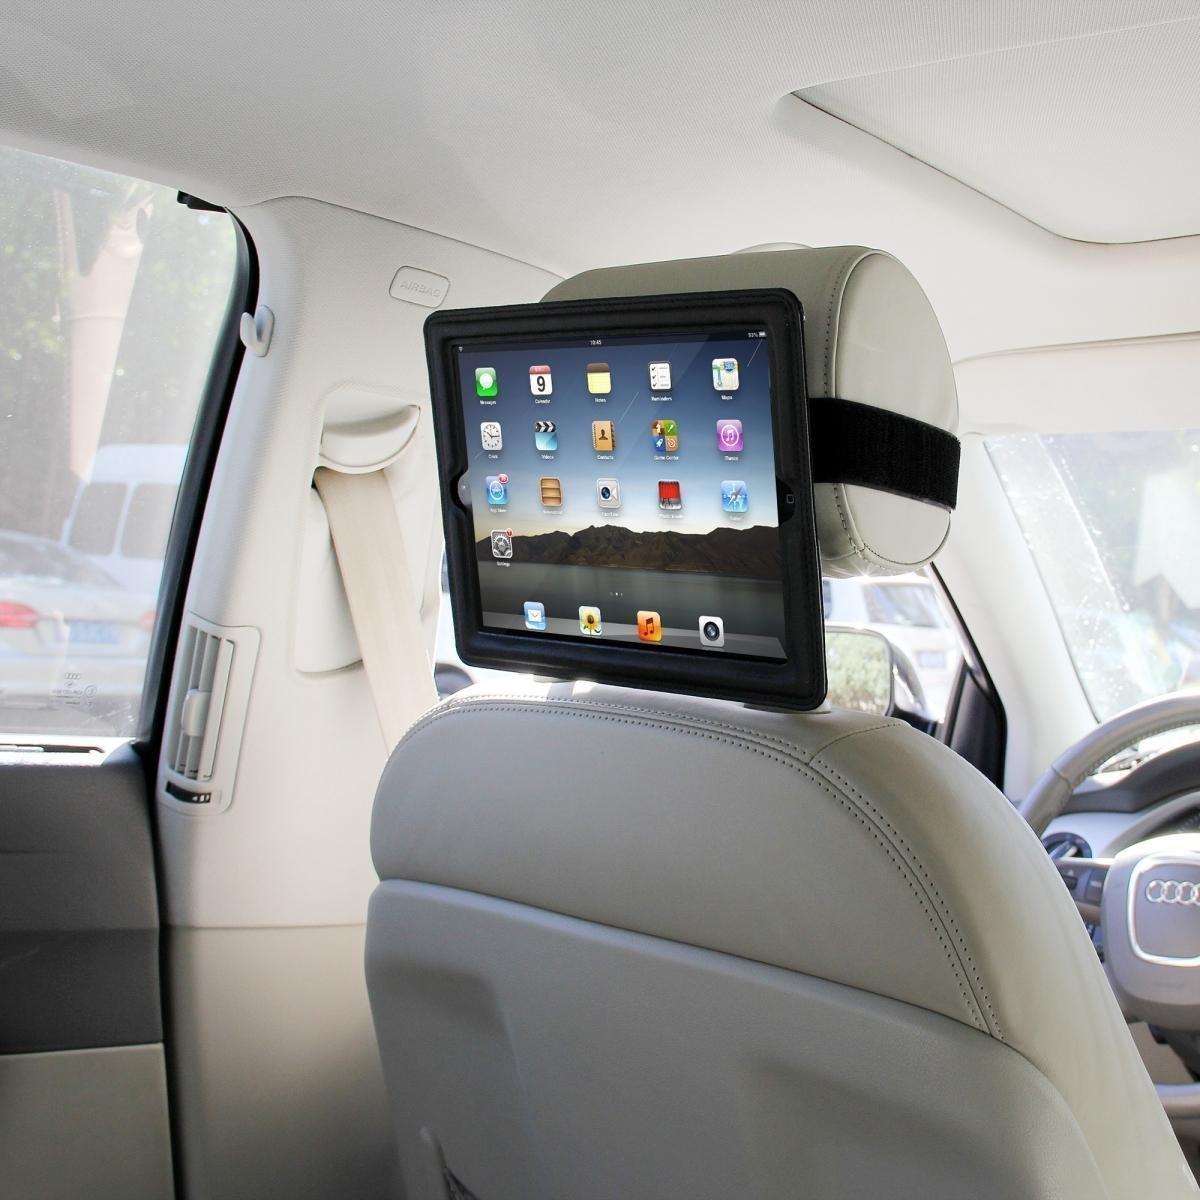 Supporto ipad per poggiatesta da auto sconto a 15 49 euro for Supporto auto tablet 7 pollici